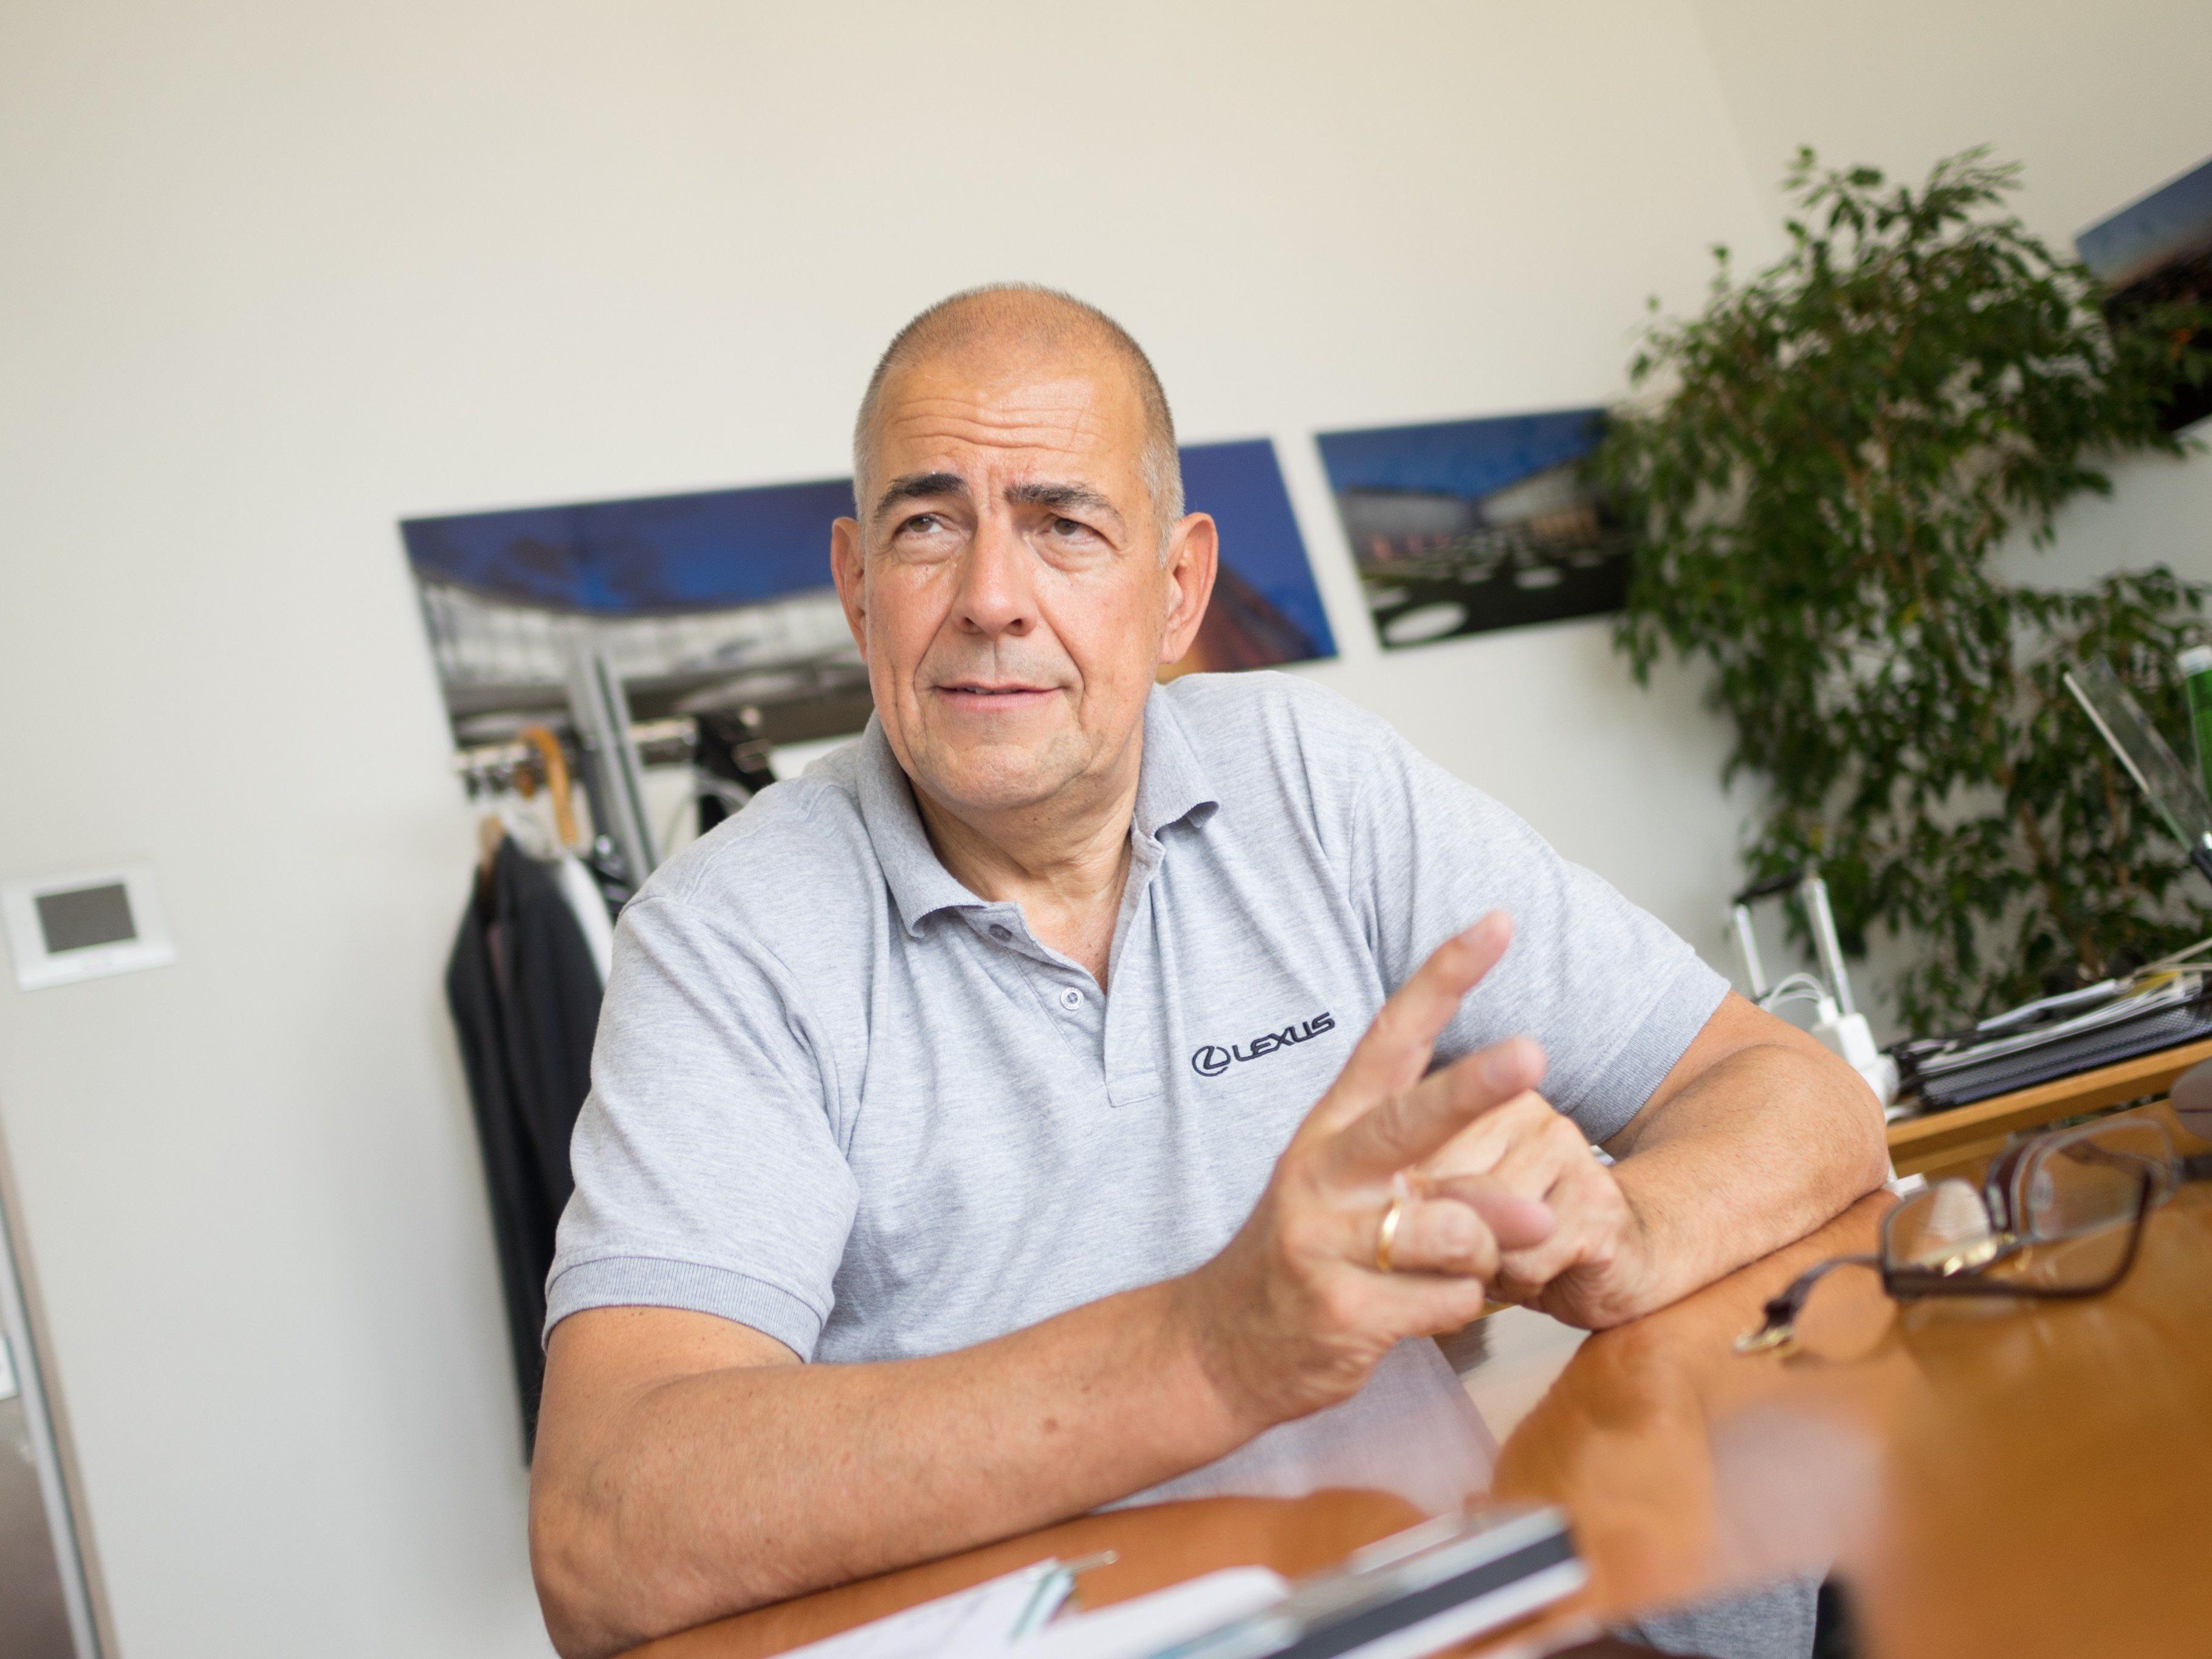 Zumtobel: Mehrmarken-Strategie-Ausweitung geplant. Im Bild: CEO Ulrich Schumacher.